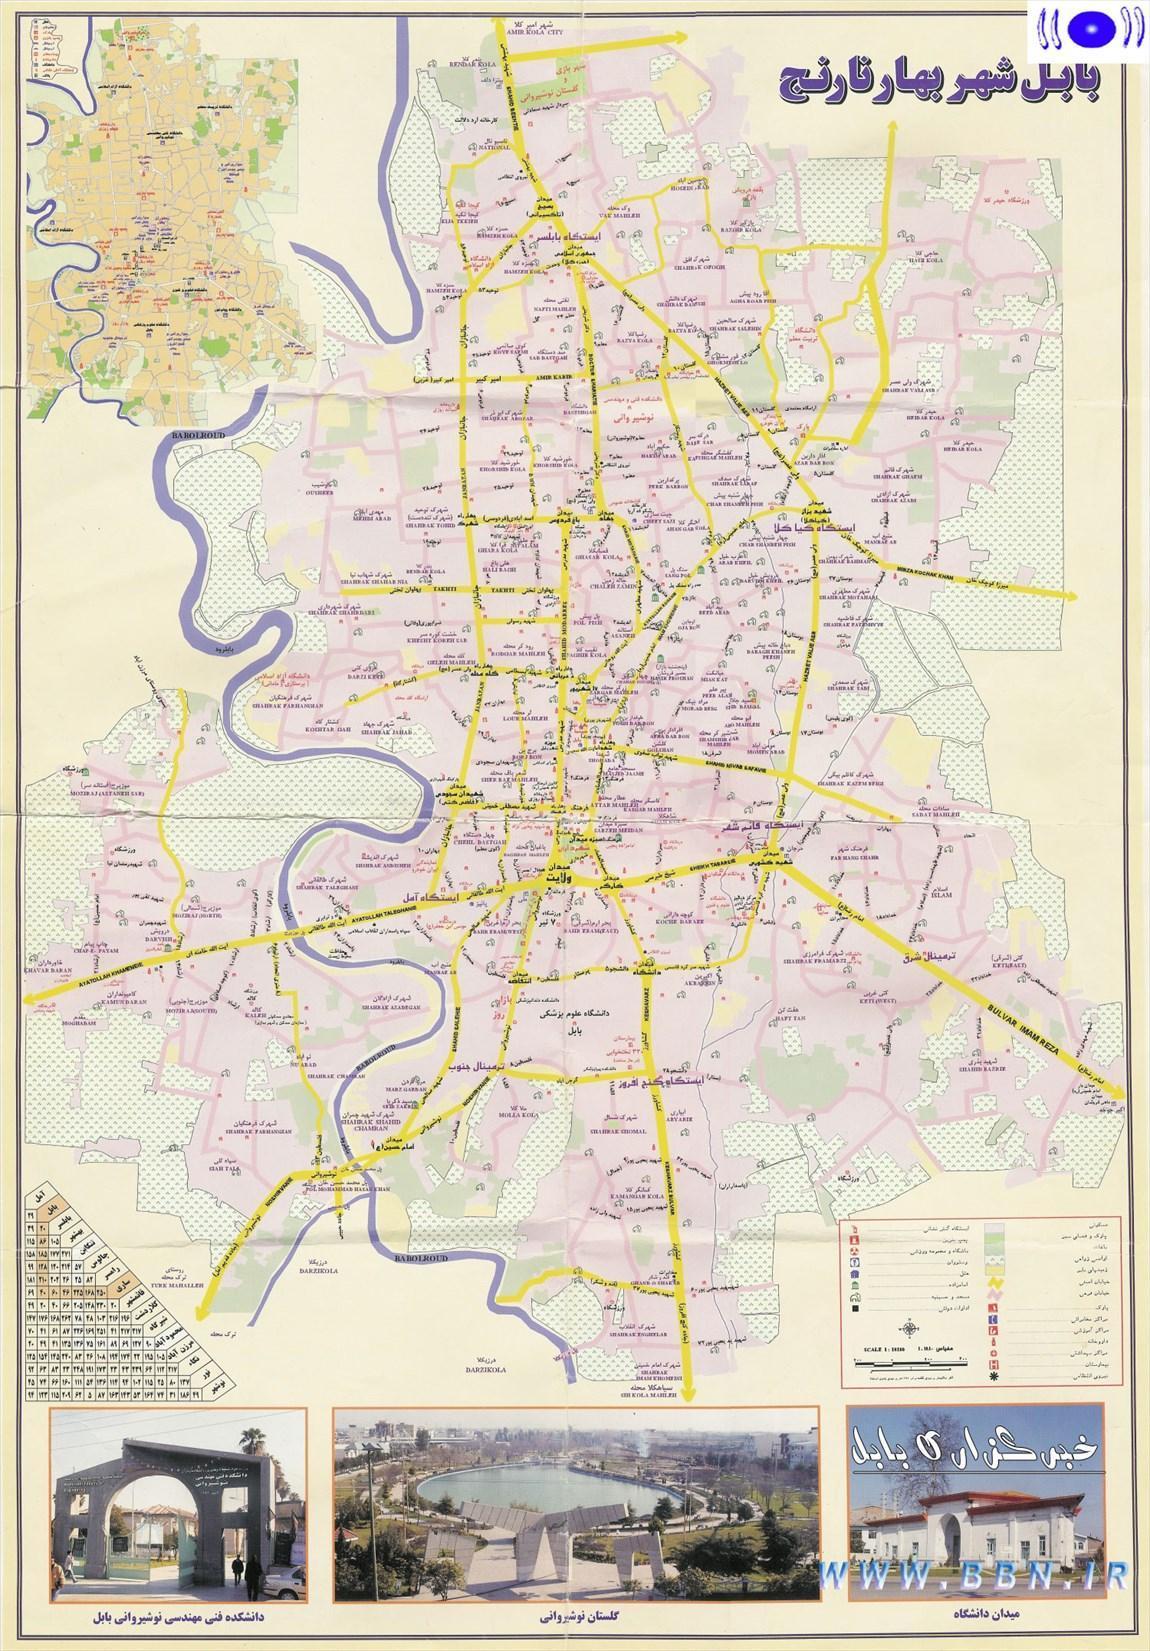 تاریخچه و نقشه جامع شهر بابل در ویکی خبرنگاران